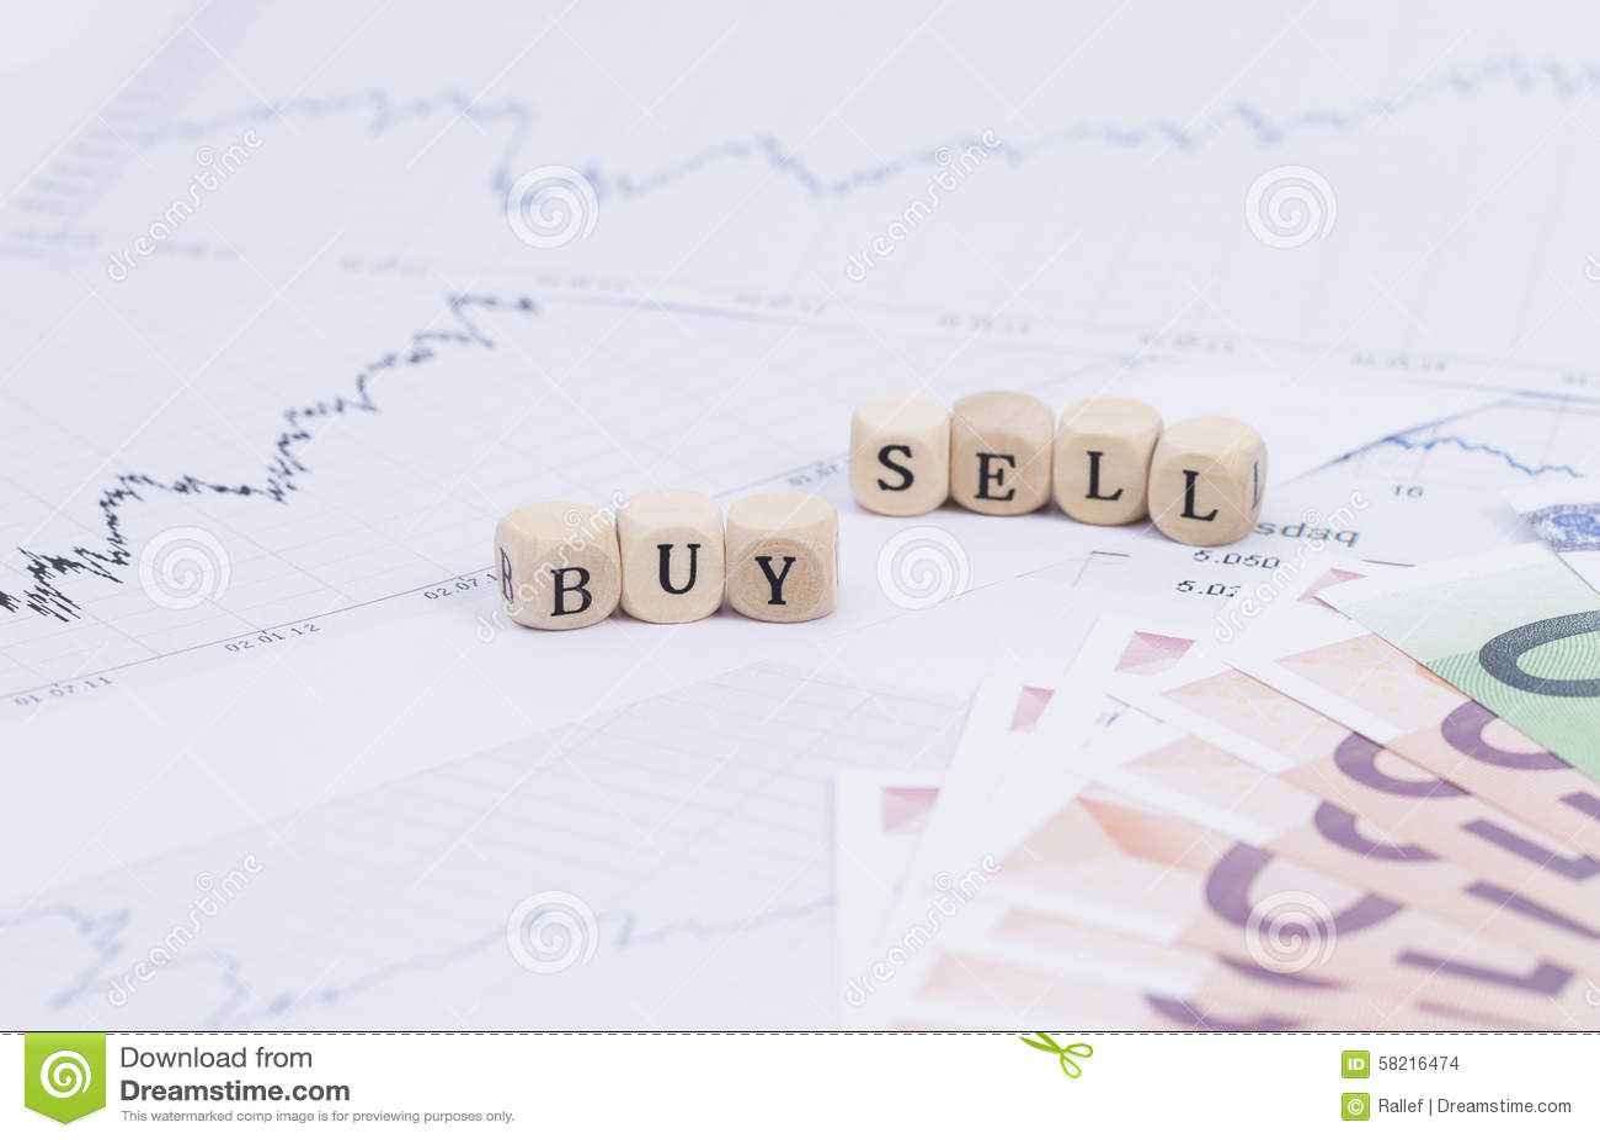 Buy och sell